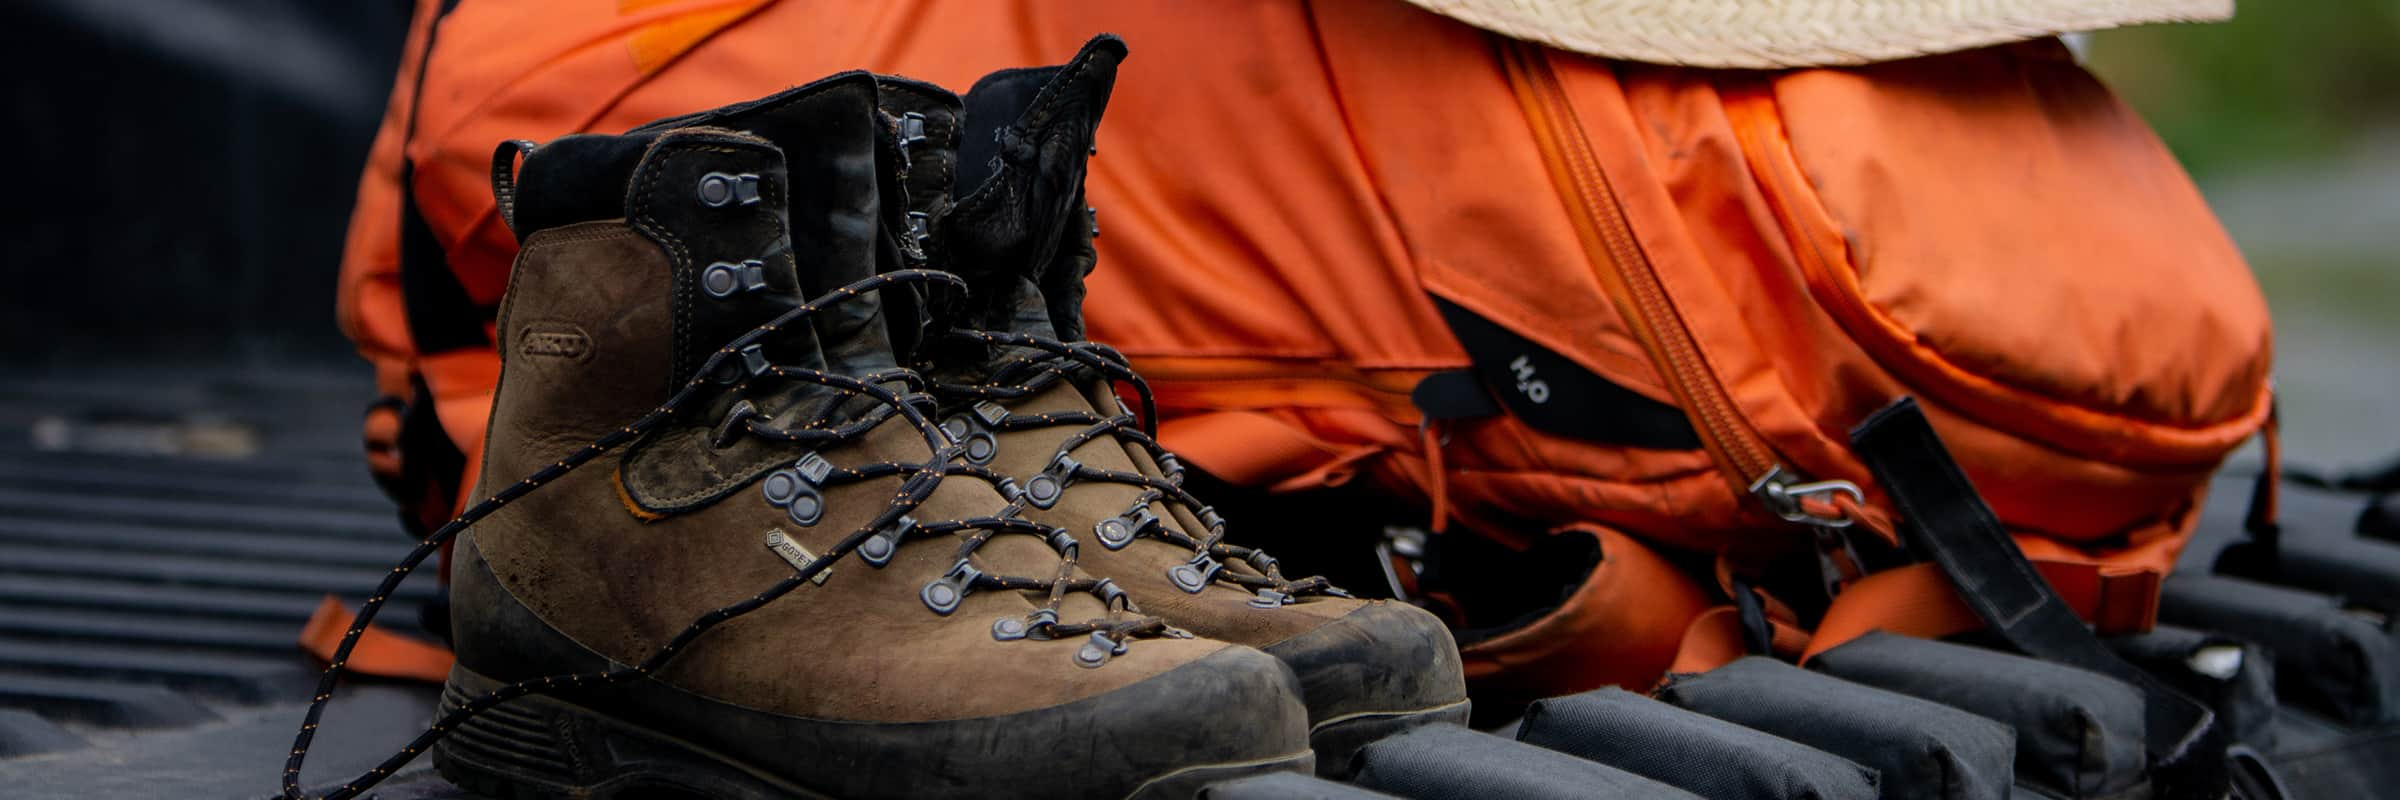 AKU Utah Top GTX Hiking Boots Reviewed